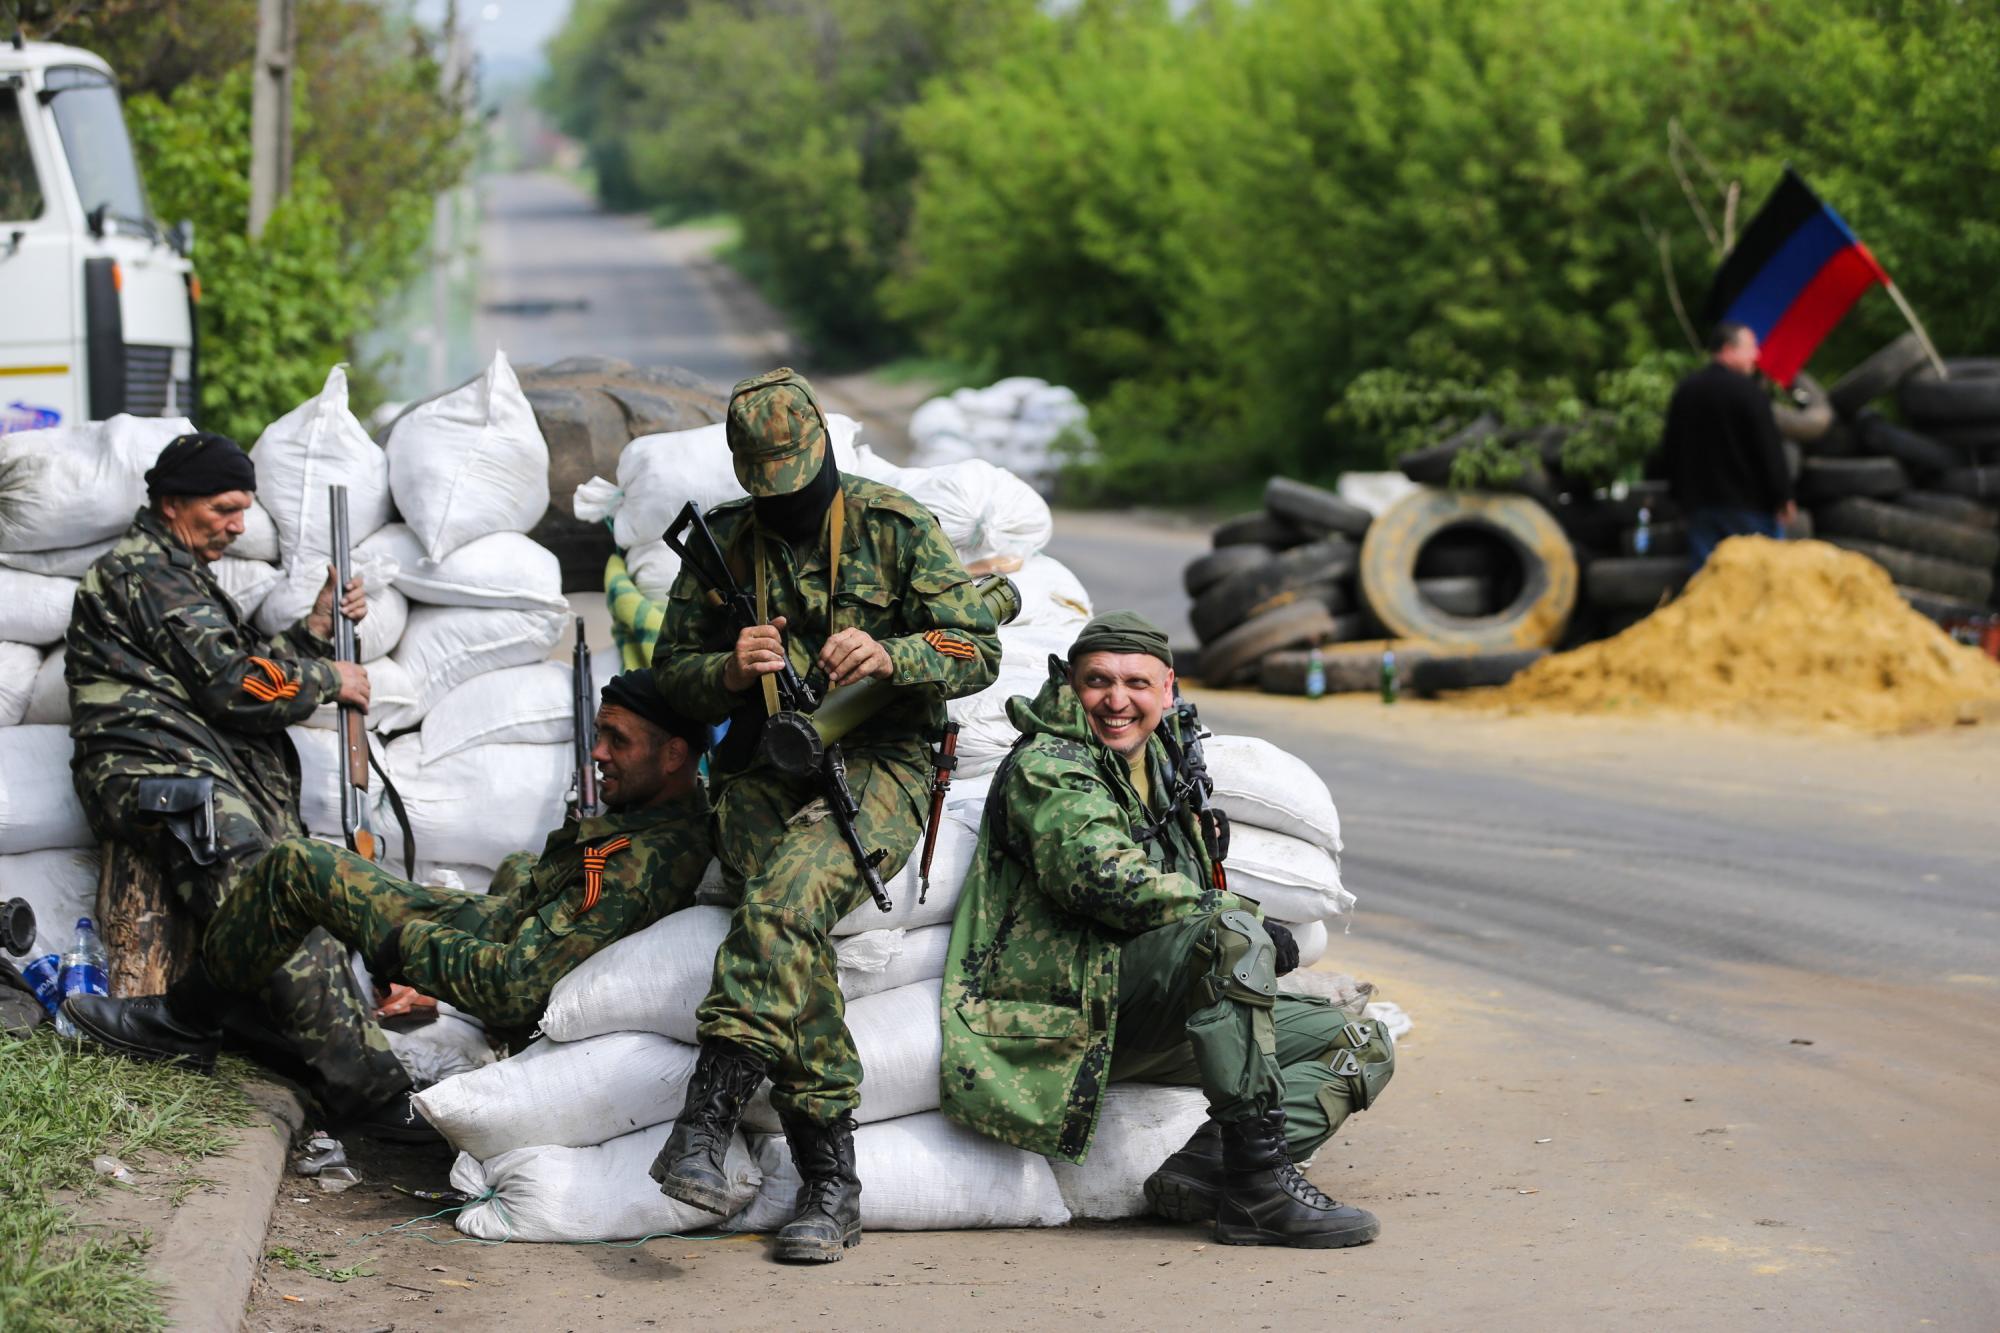 Реинтеграция Донбасса: какие угрозы ждут Украину